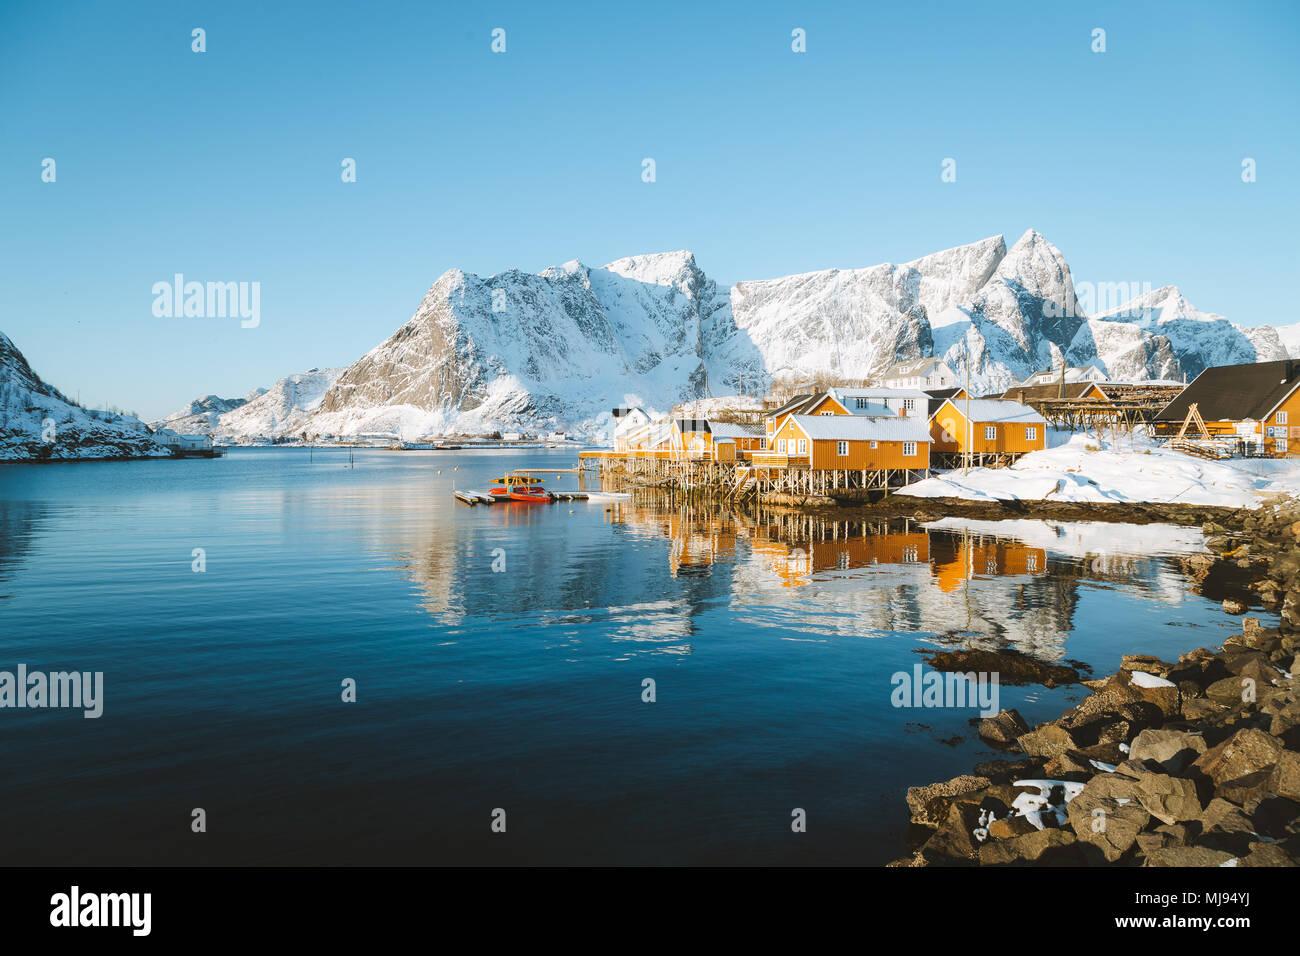 El archipiélago de las islas Lofoten, hermoso paisaje invernal con el tradicional amarillo pescador Rorbuer cabañas en la villa histórica de Sakrisoy, Noruega Foto de stock